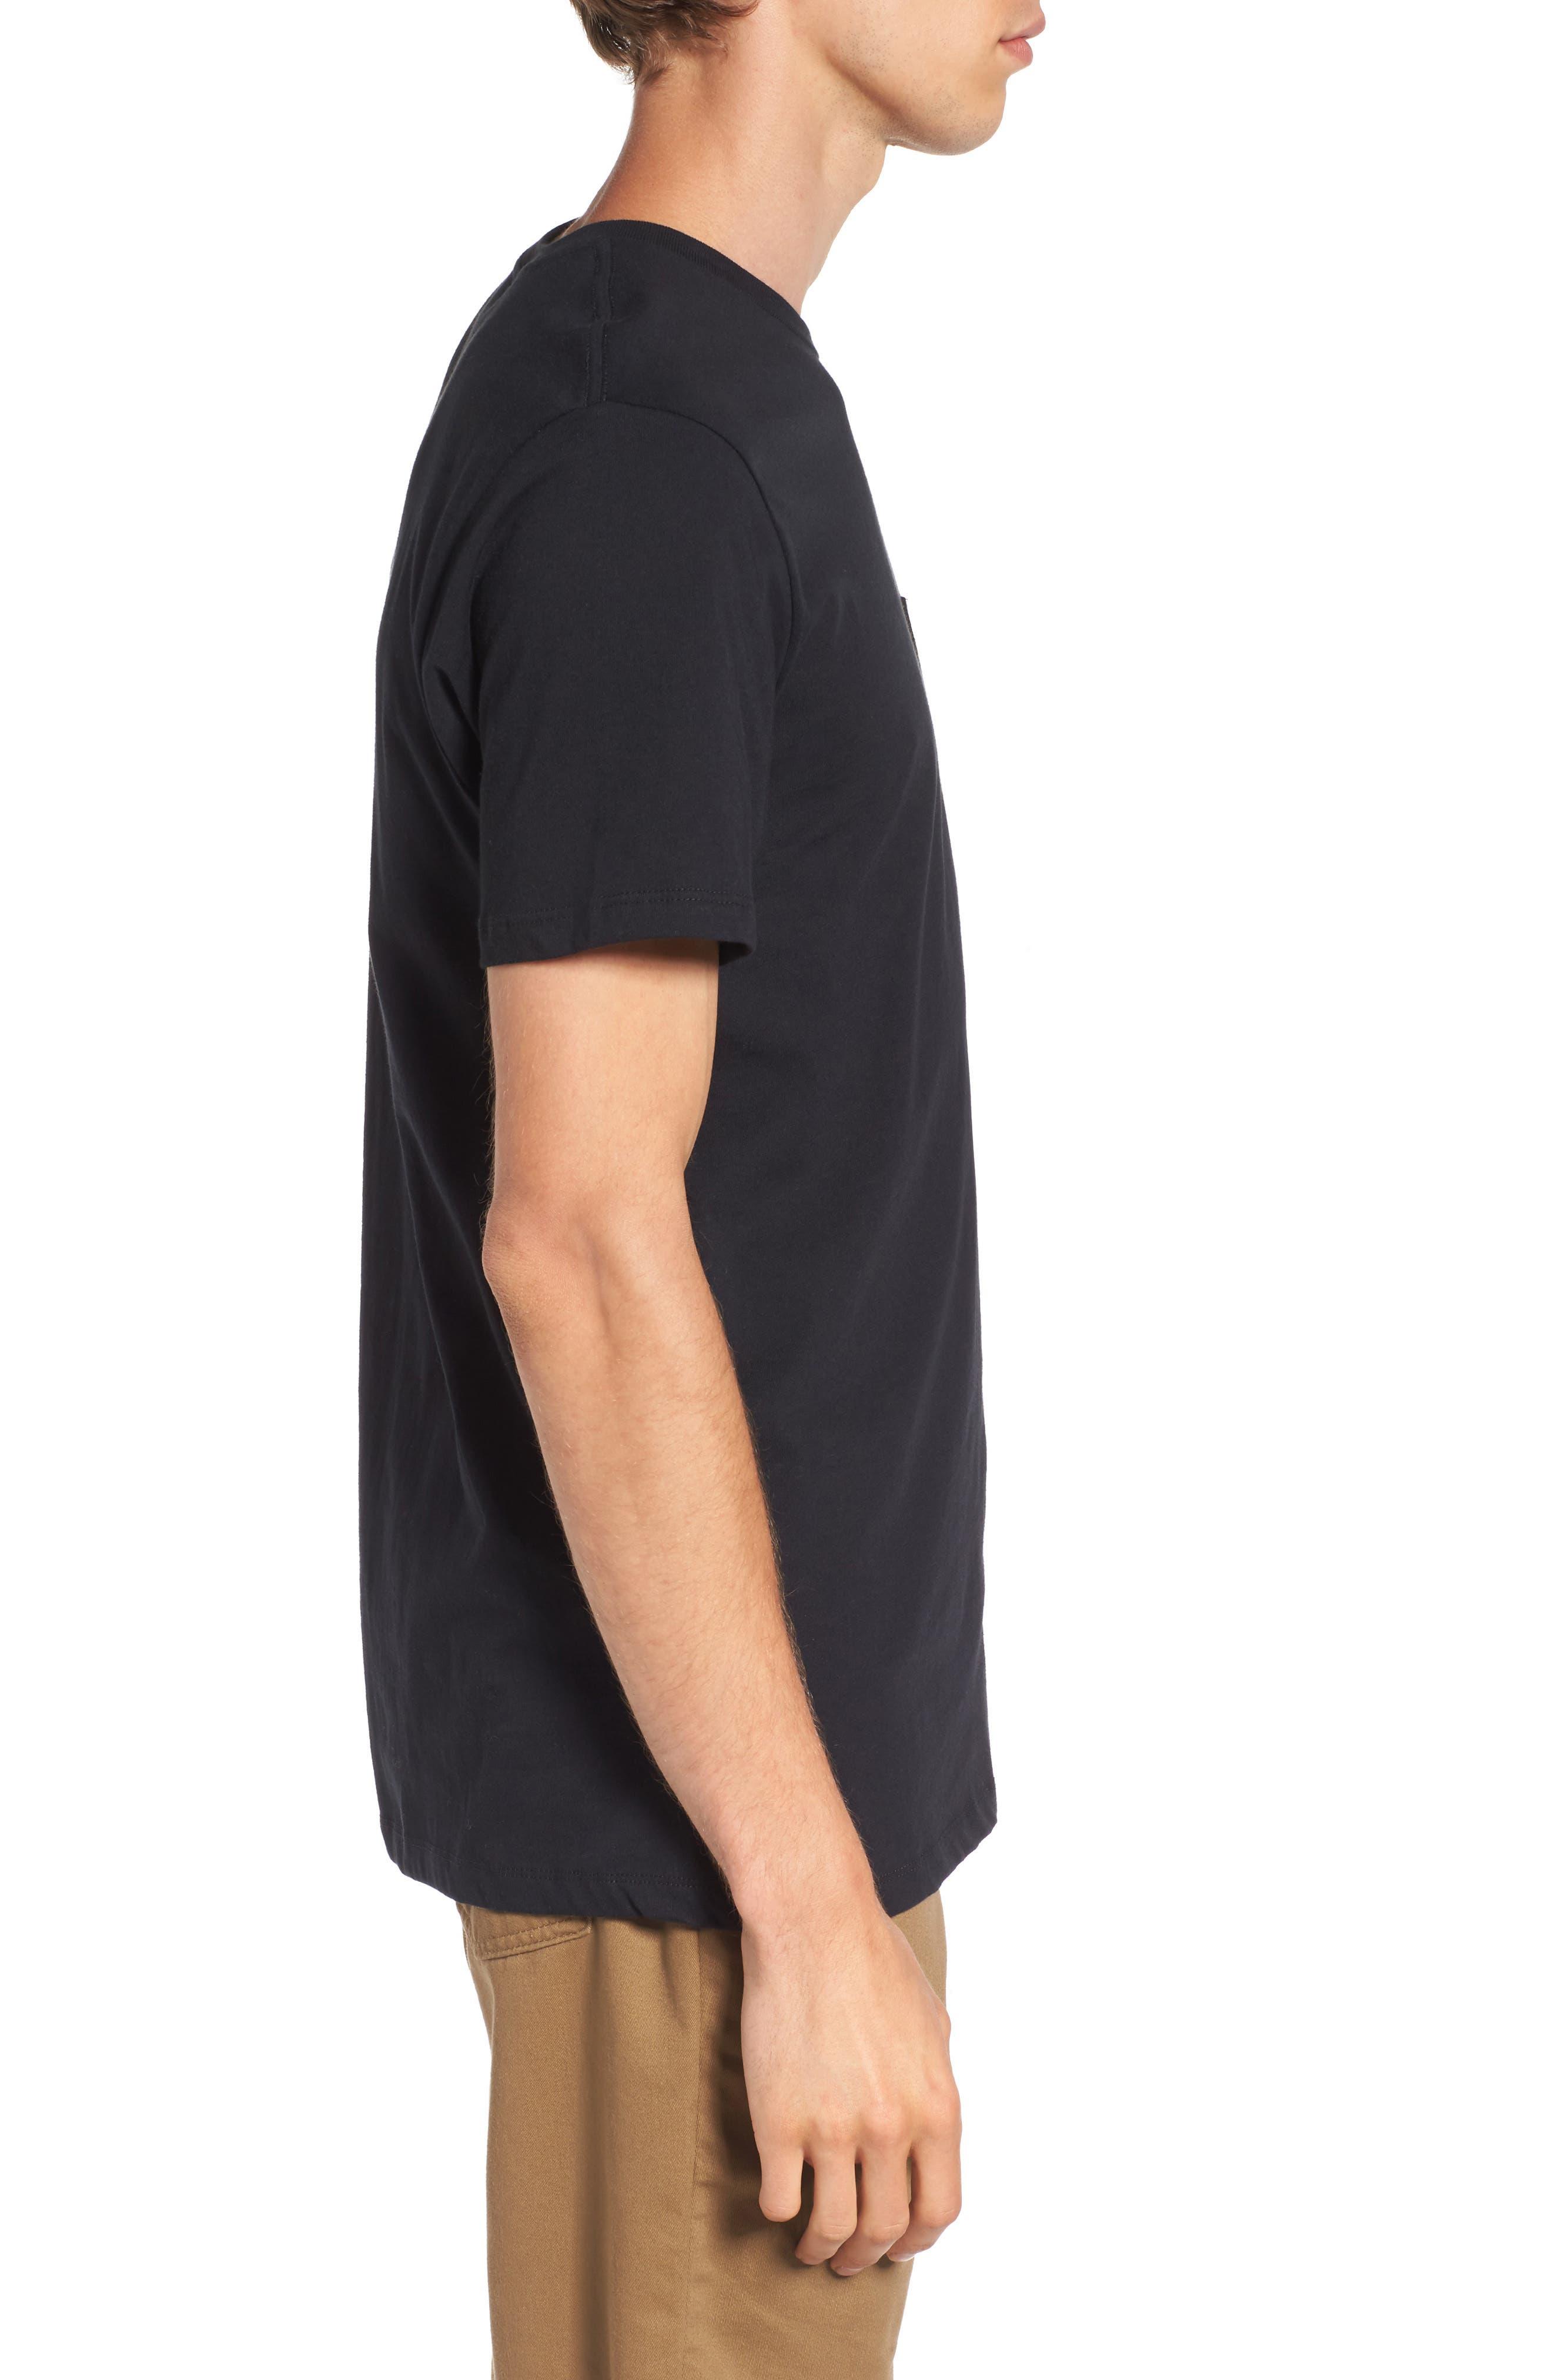 Alternate Image 3  - Vans Everyday Embroidered Pocket T-Shirt